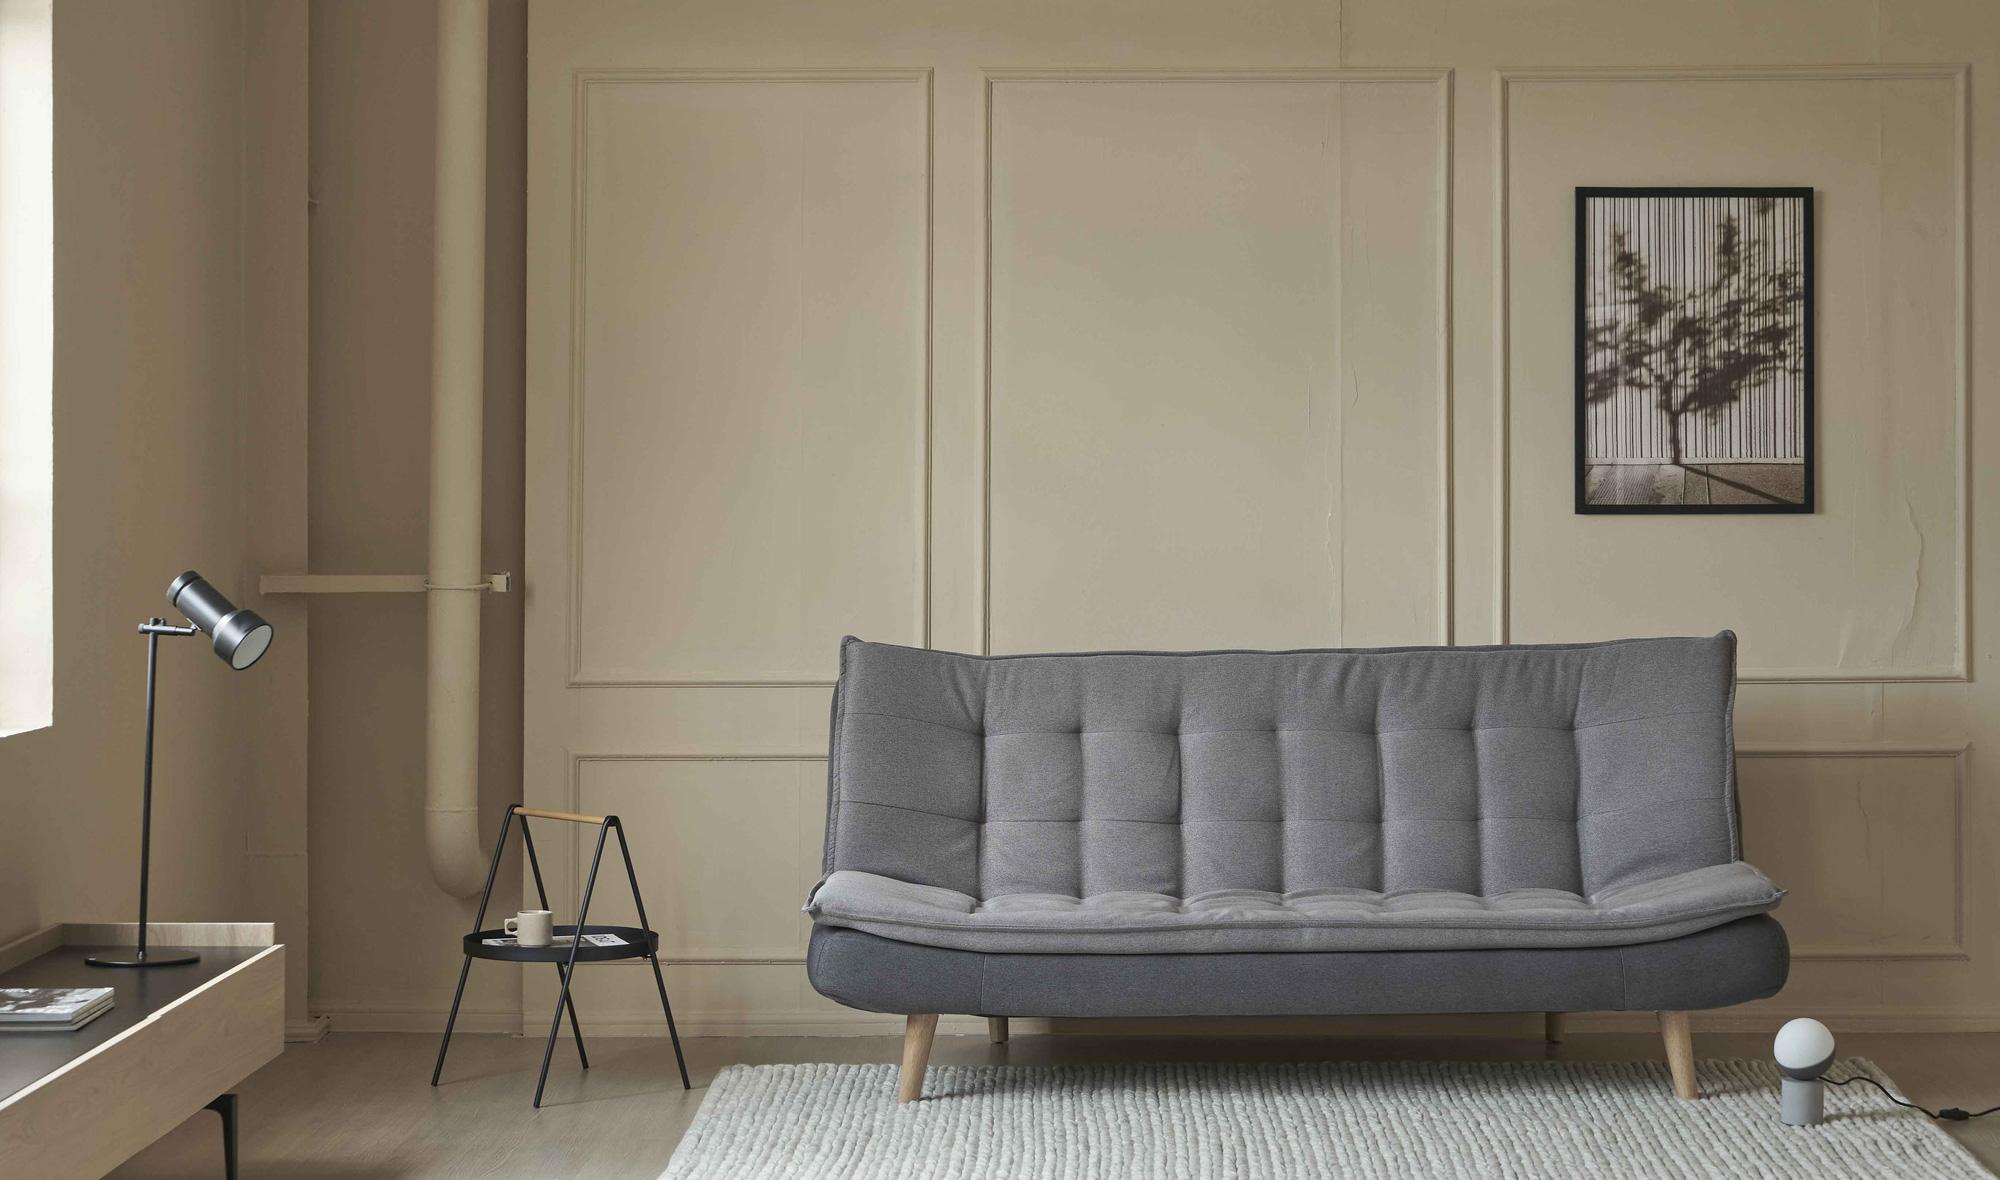 7 mẫu sofa giường từ 4,2 triệu cho phòng ốc gọn gàng nhỏ xinh - Ảnh 8.